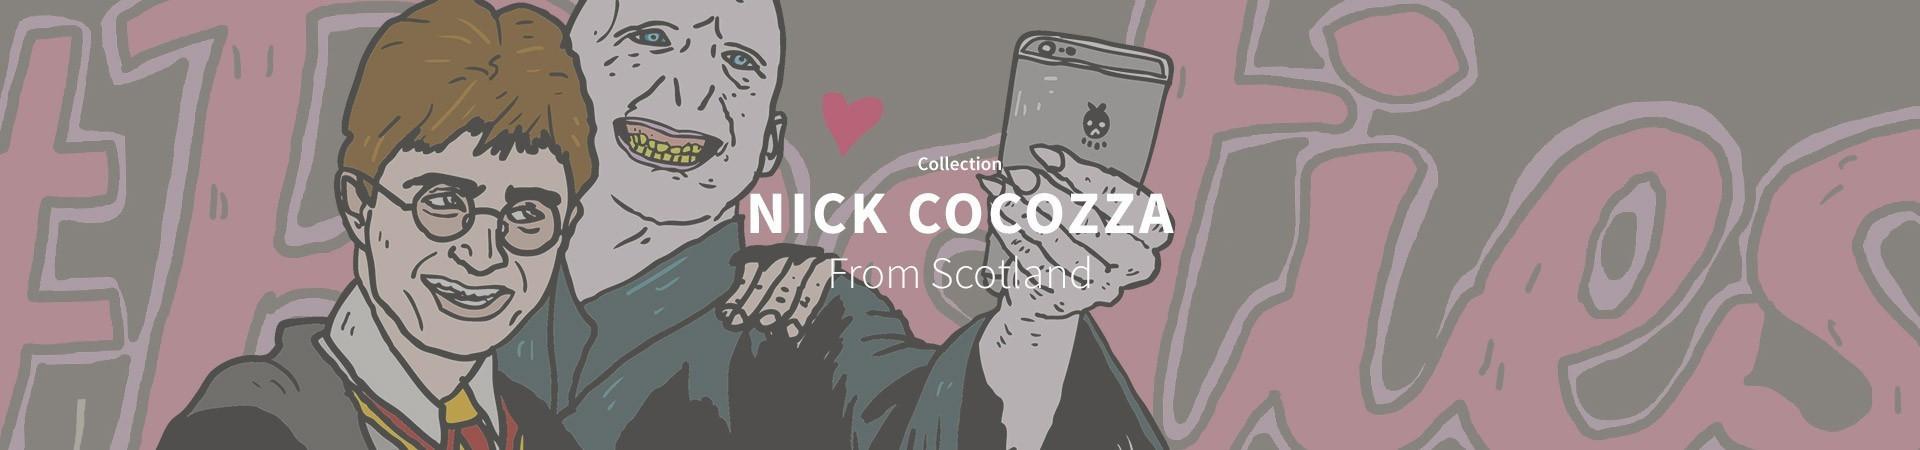 Nick Cocozza